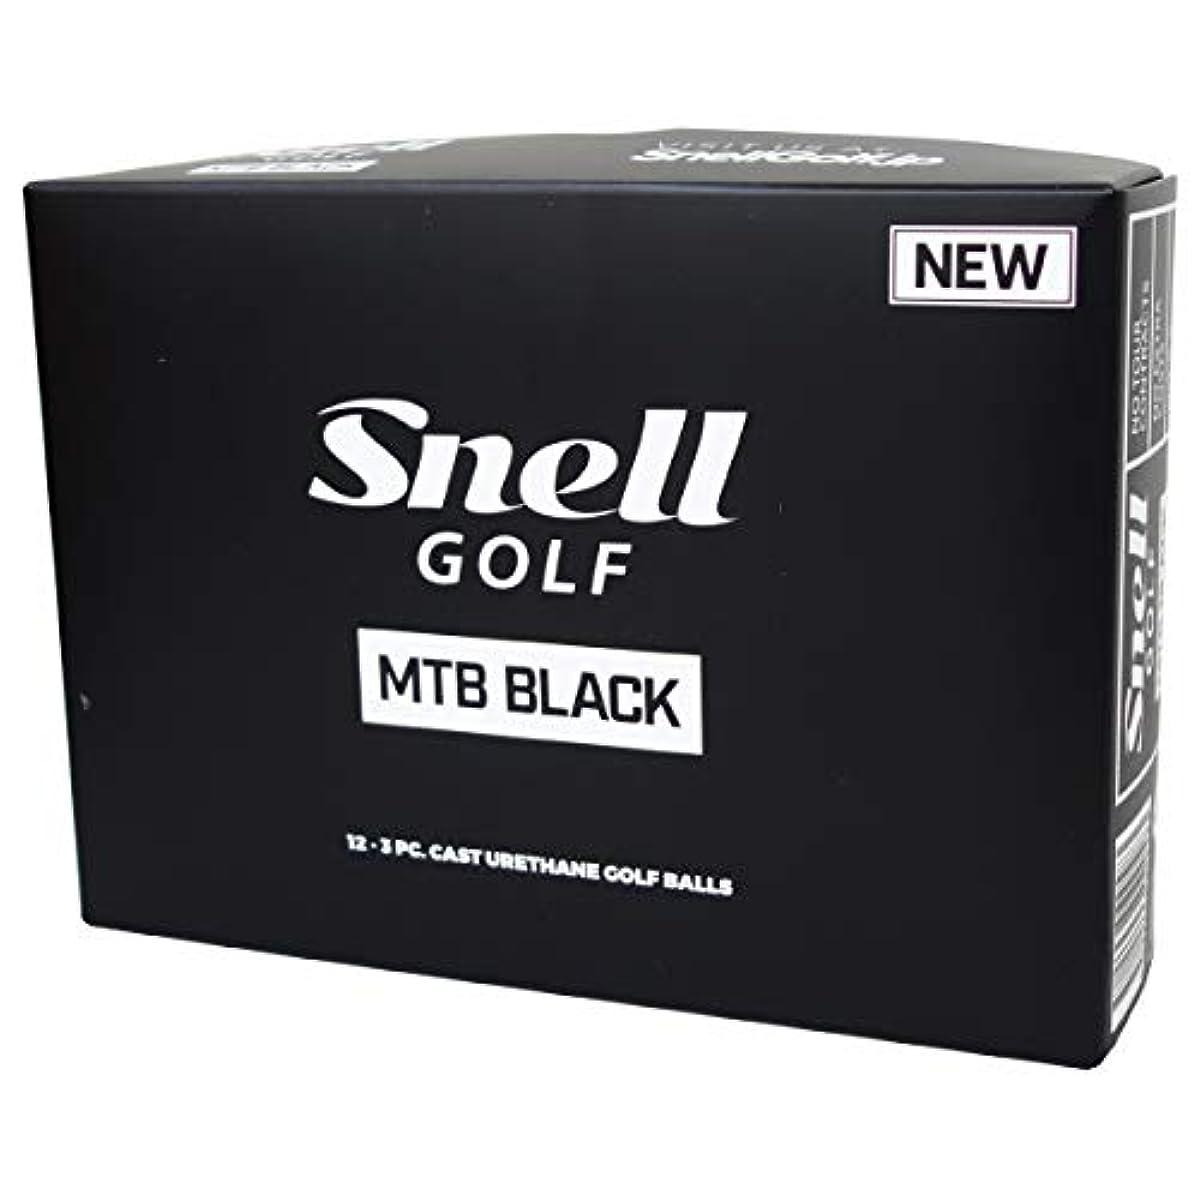 [해외] SNELL GOLF 스넬 골프공 MTB BLACK 12구 화이트